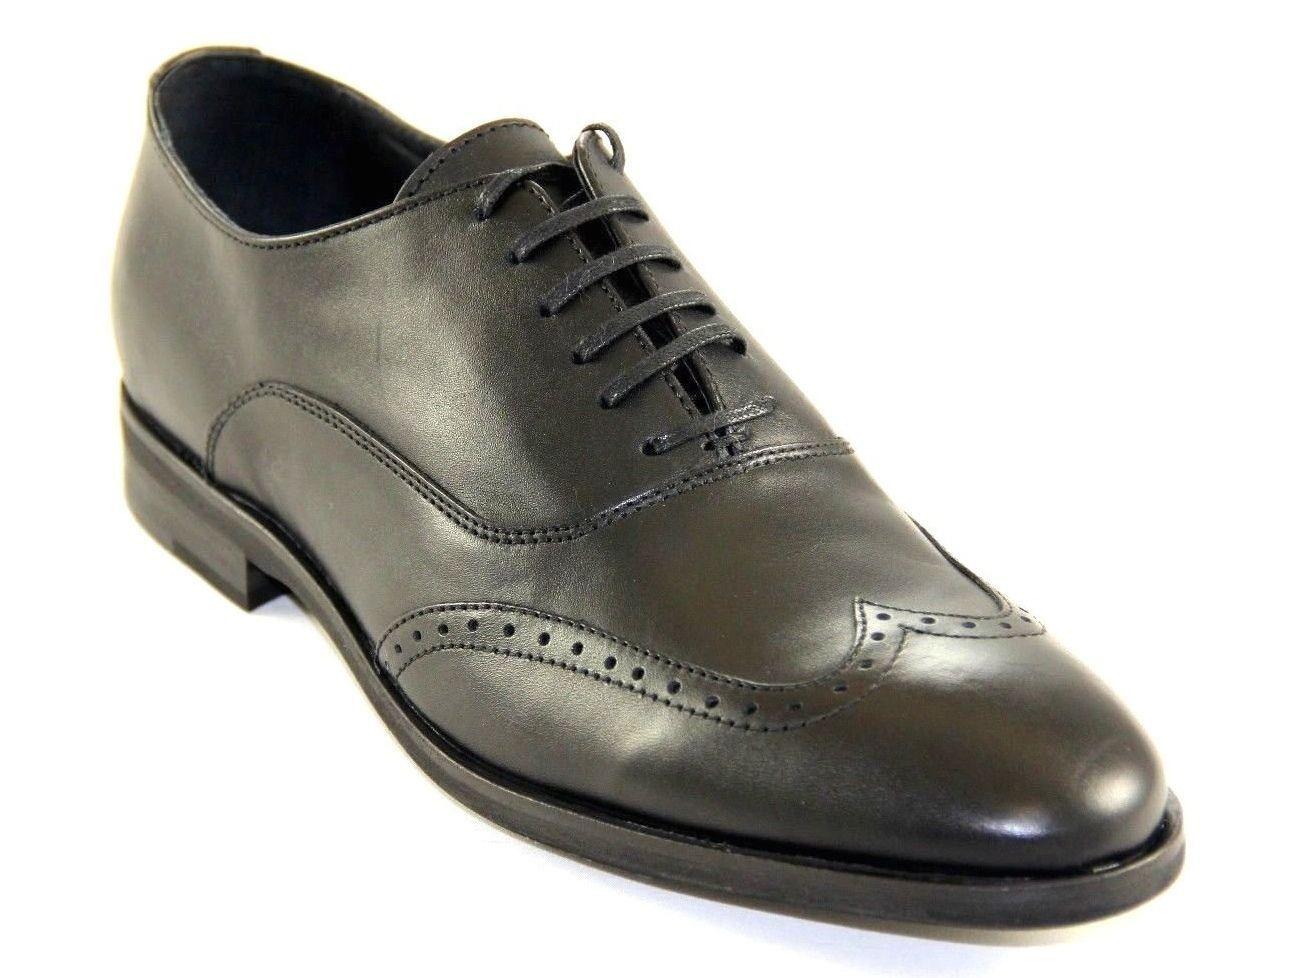 economico e di alta qualità Bacco Bucci Uomo Oxford Wing Tip nero nero nero Leather Dress scarpe Style Perkins  acquisto limitato